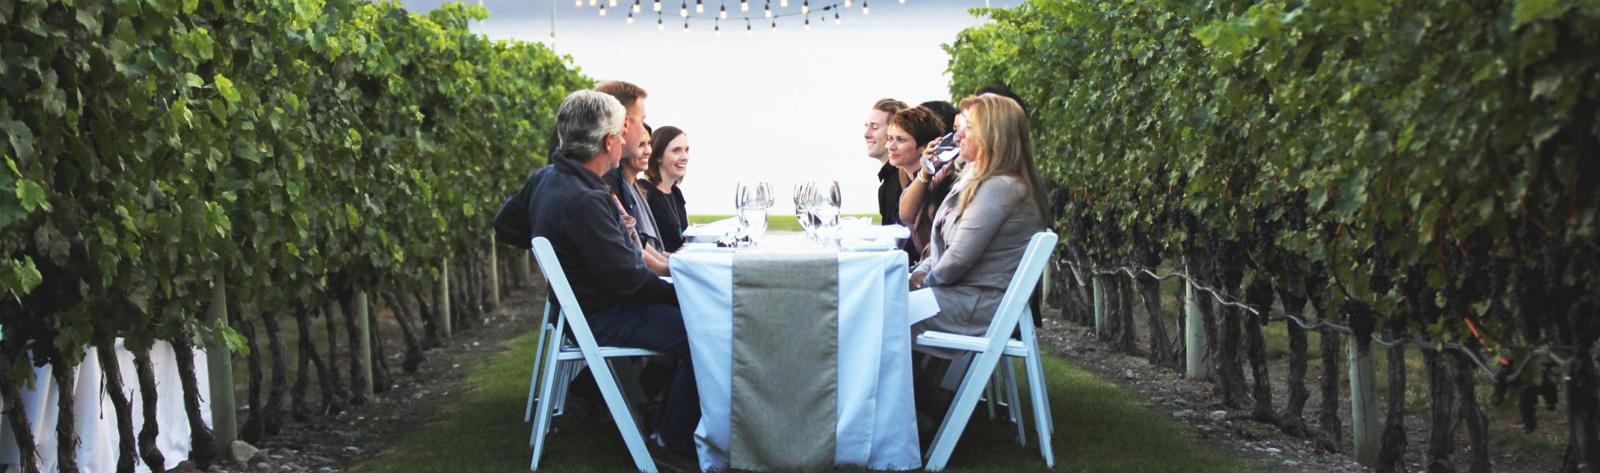 Novato Wine Tours Limo Service